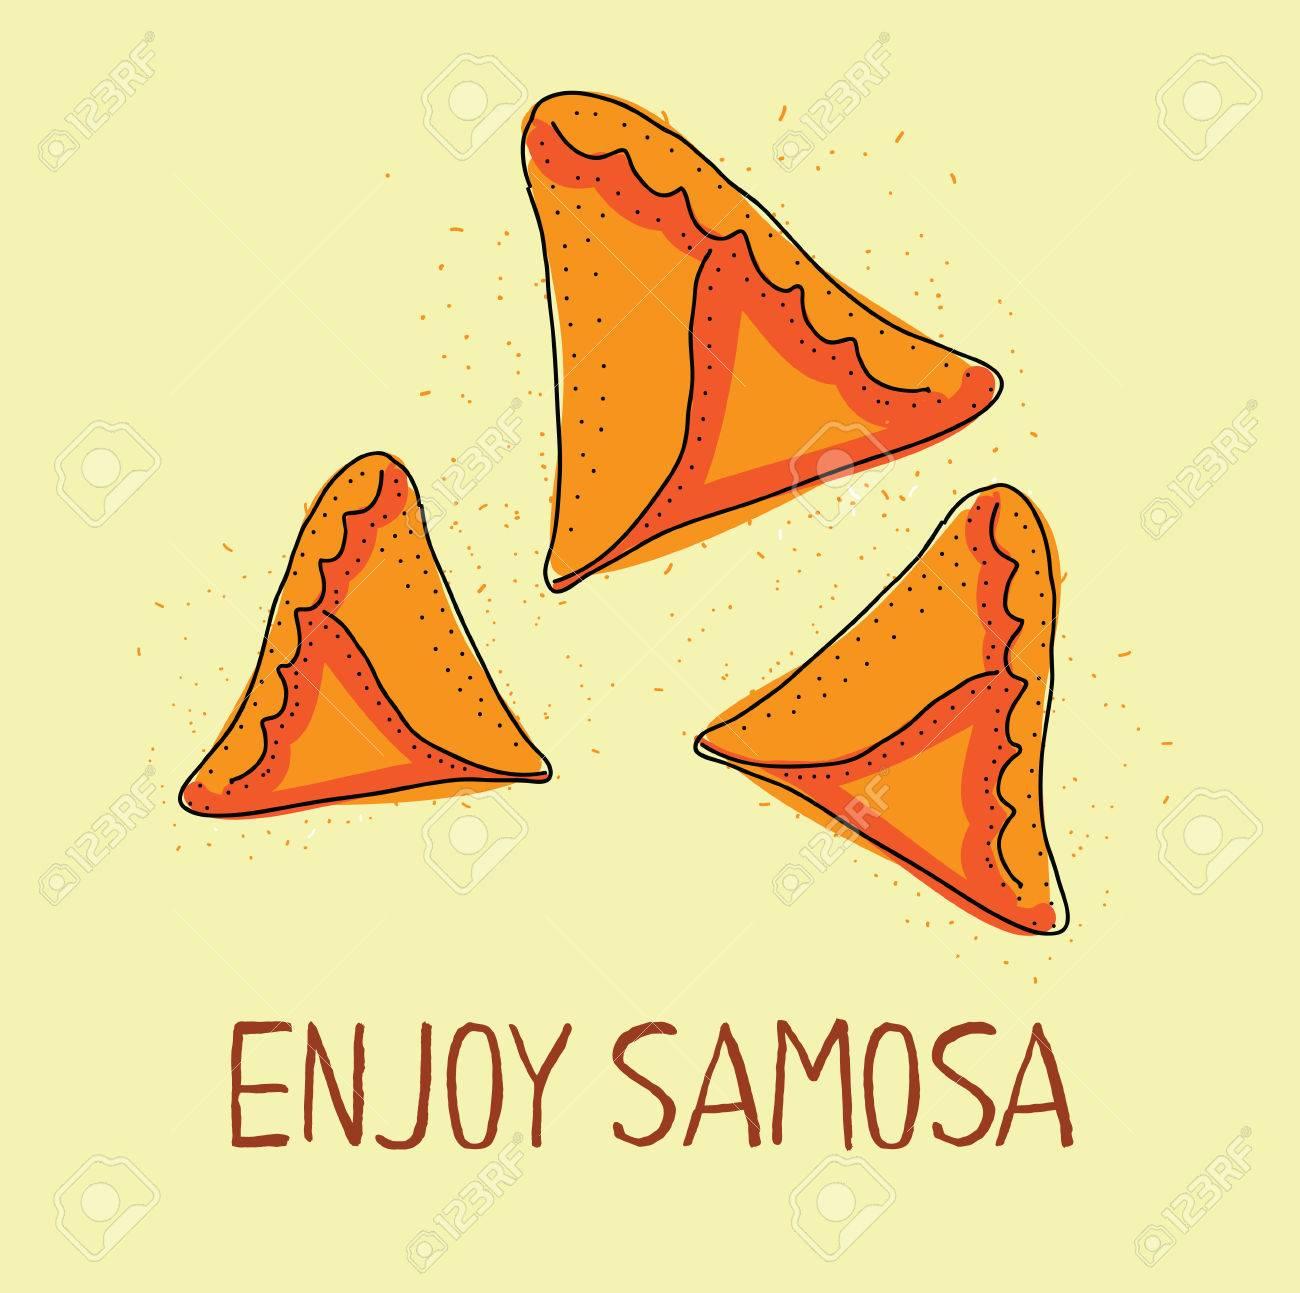 Icono Samosa. Cocina Oriental. Dibujado A Mano Ilustración. Comida ...